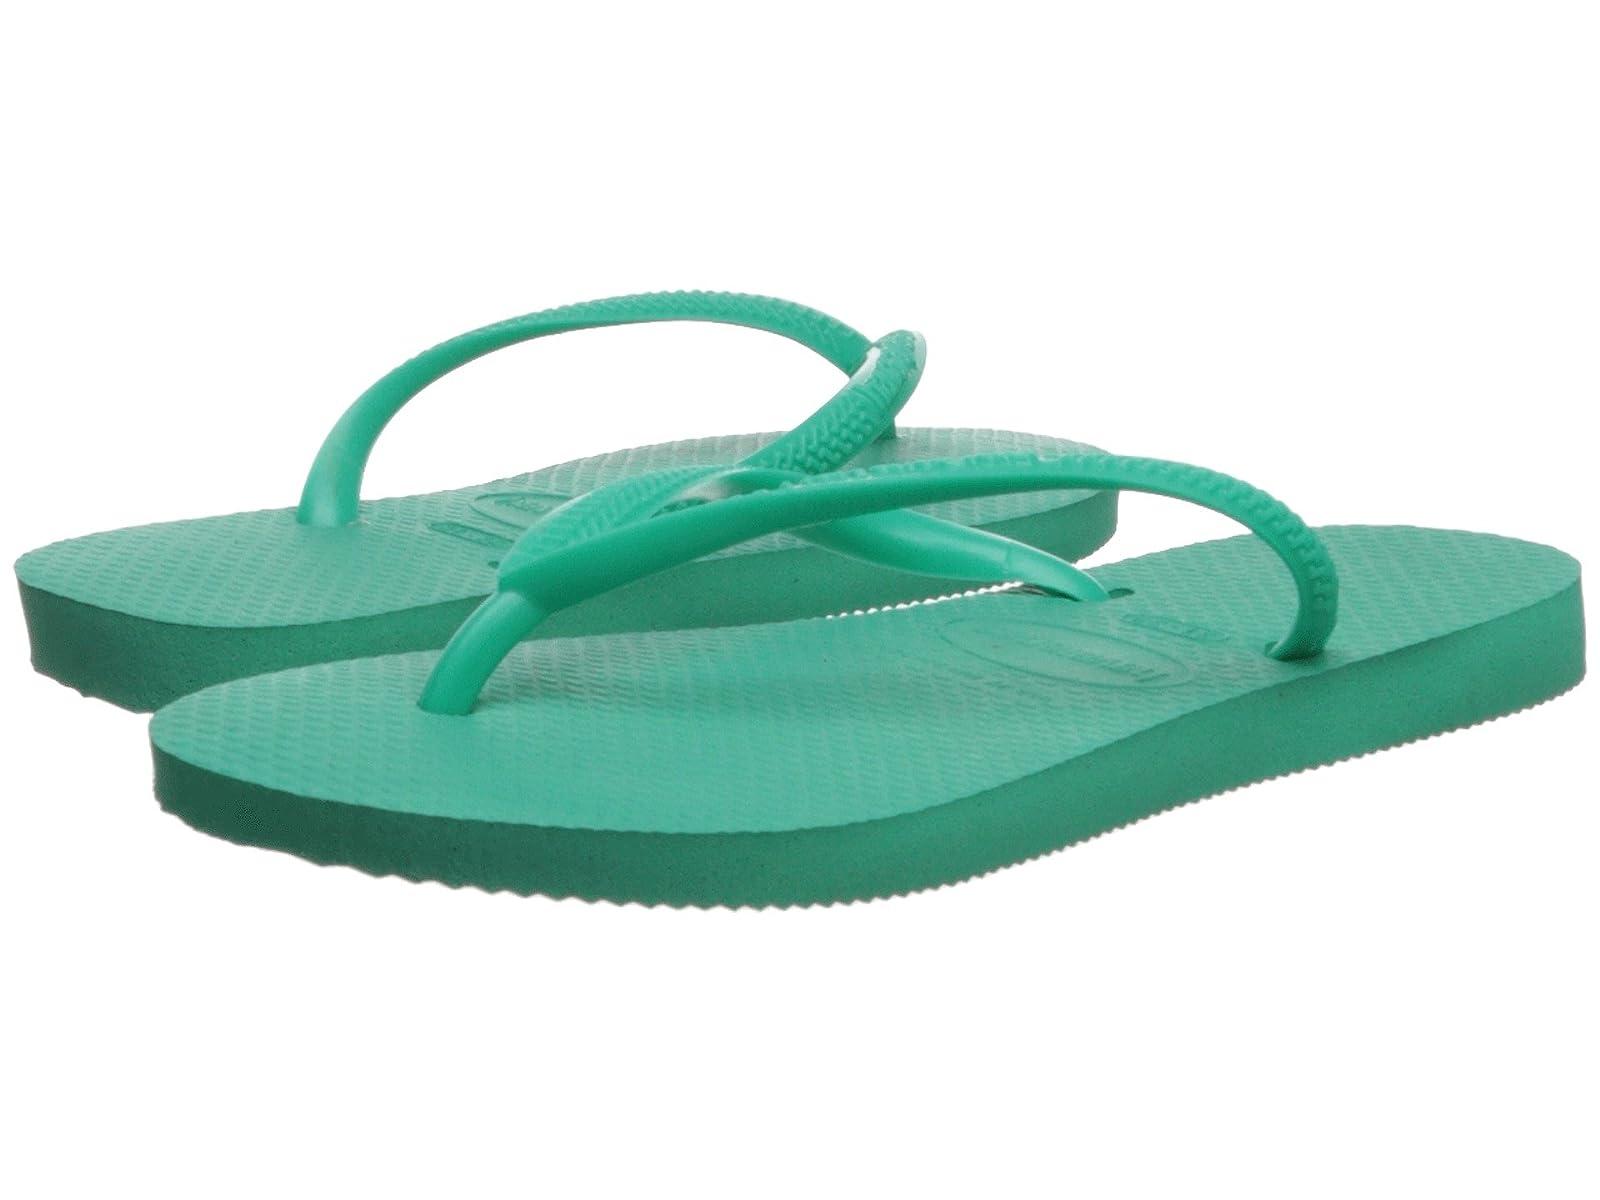 Havaianas Kids Slim Flip Flops (Toddler/Little Kid/Big Kid)Atmospheric grades have affordable shoes